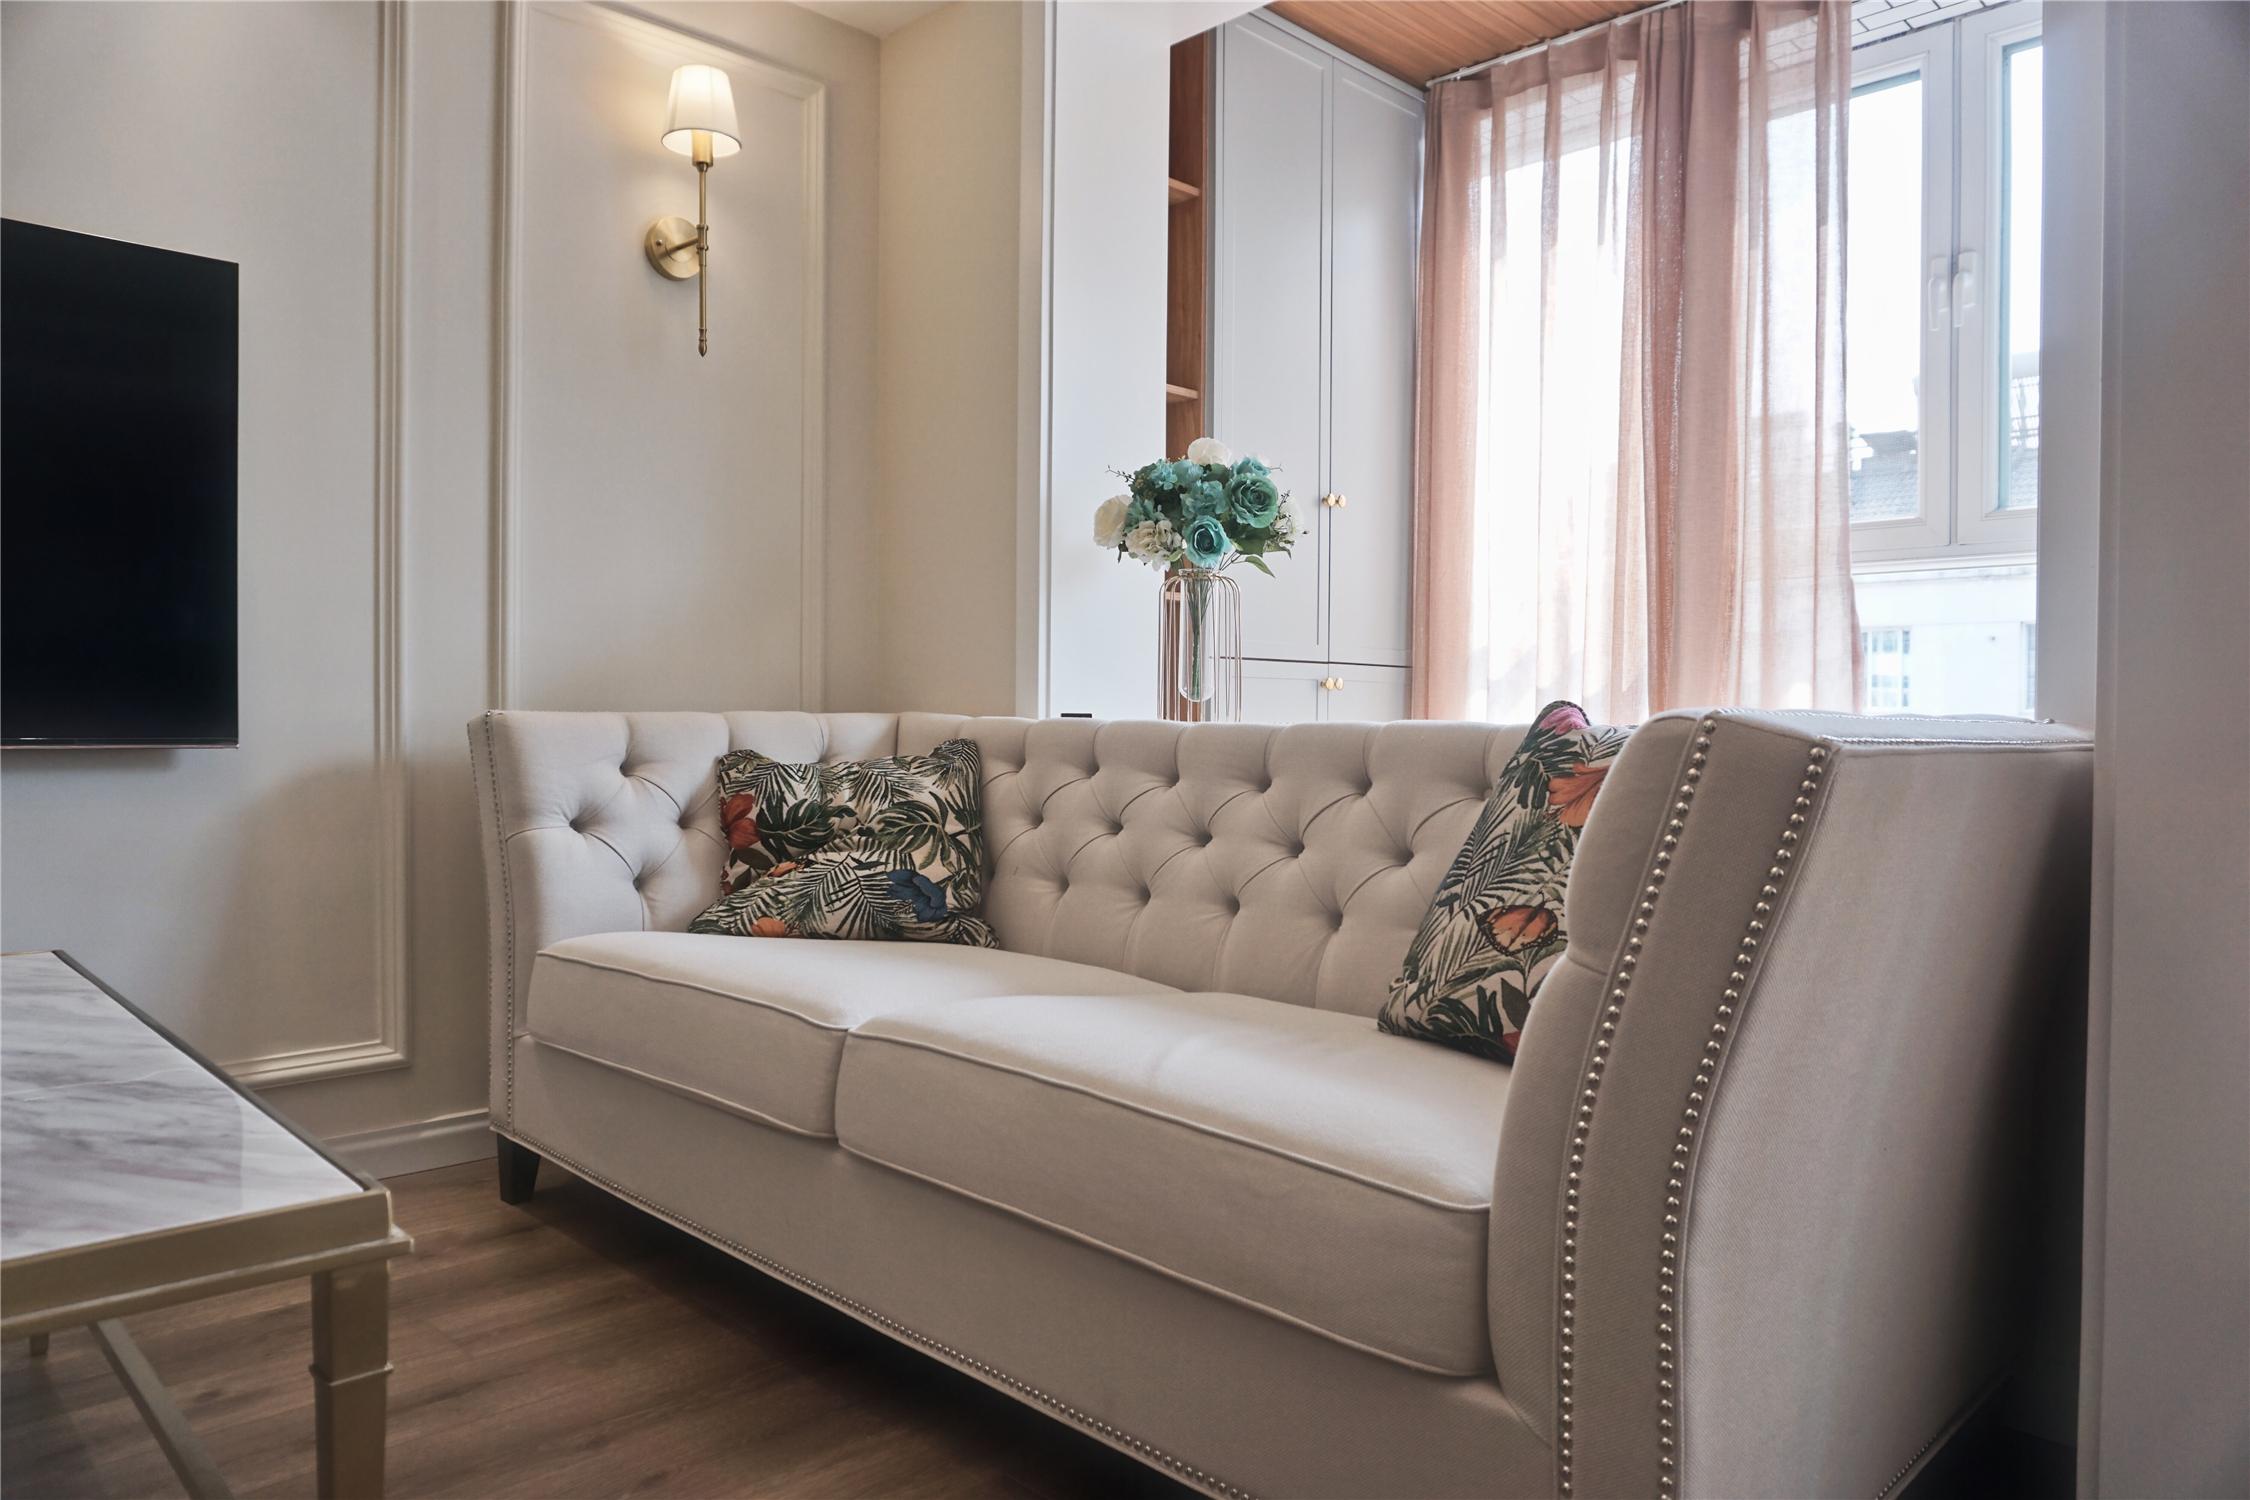 简美风格装修沙发设计图